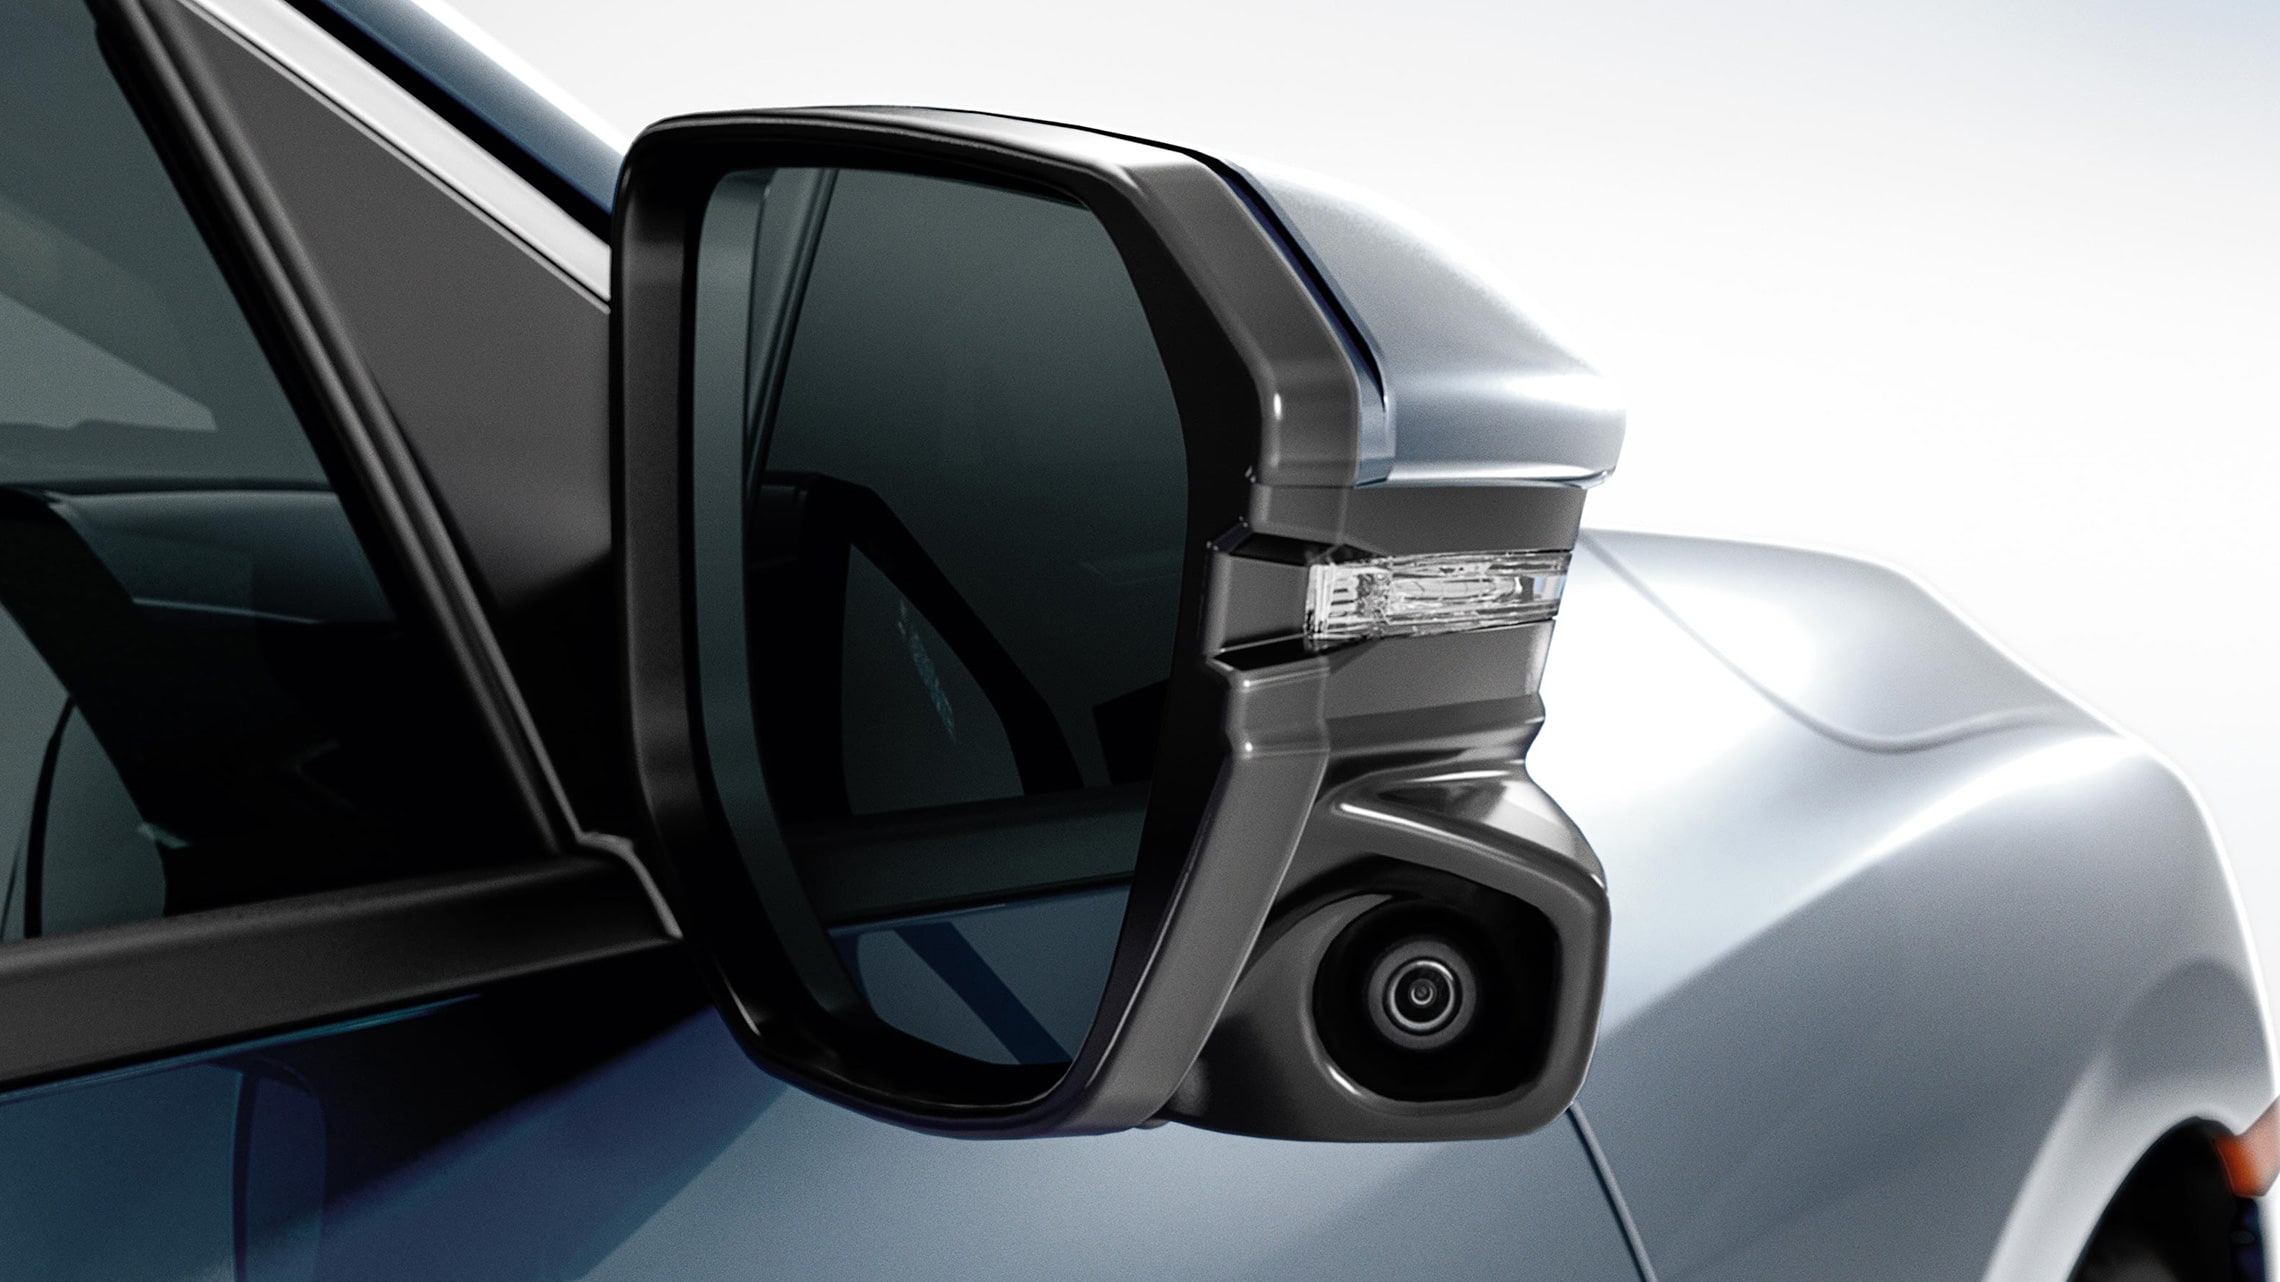 Detalle de la cámara Honda LaneWatch™ en el espejo del lado del pasajero del Honda Civic Touring Sedán2021 en Cosmic Blue Metallic.